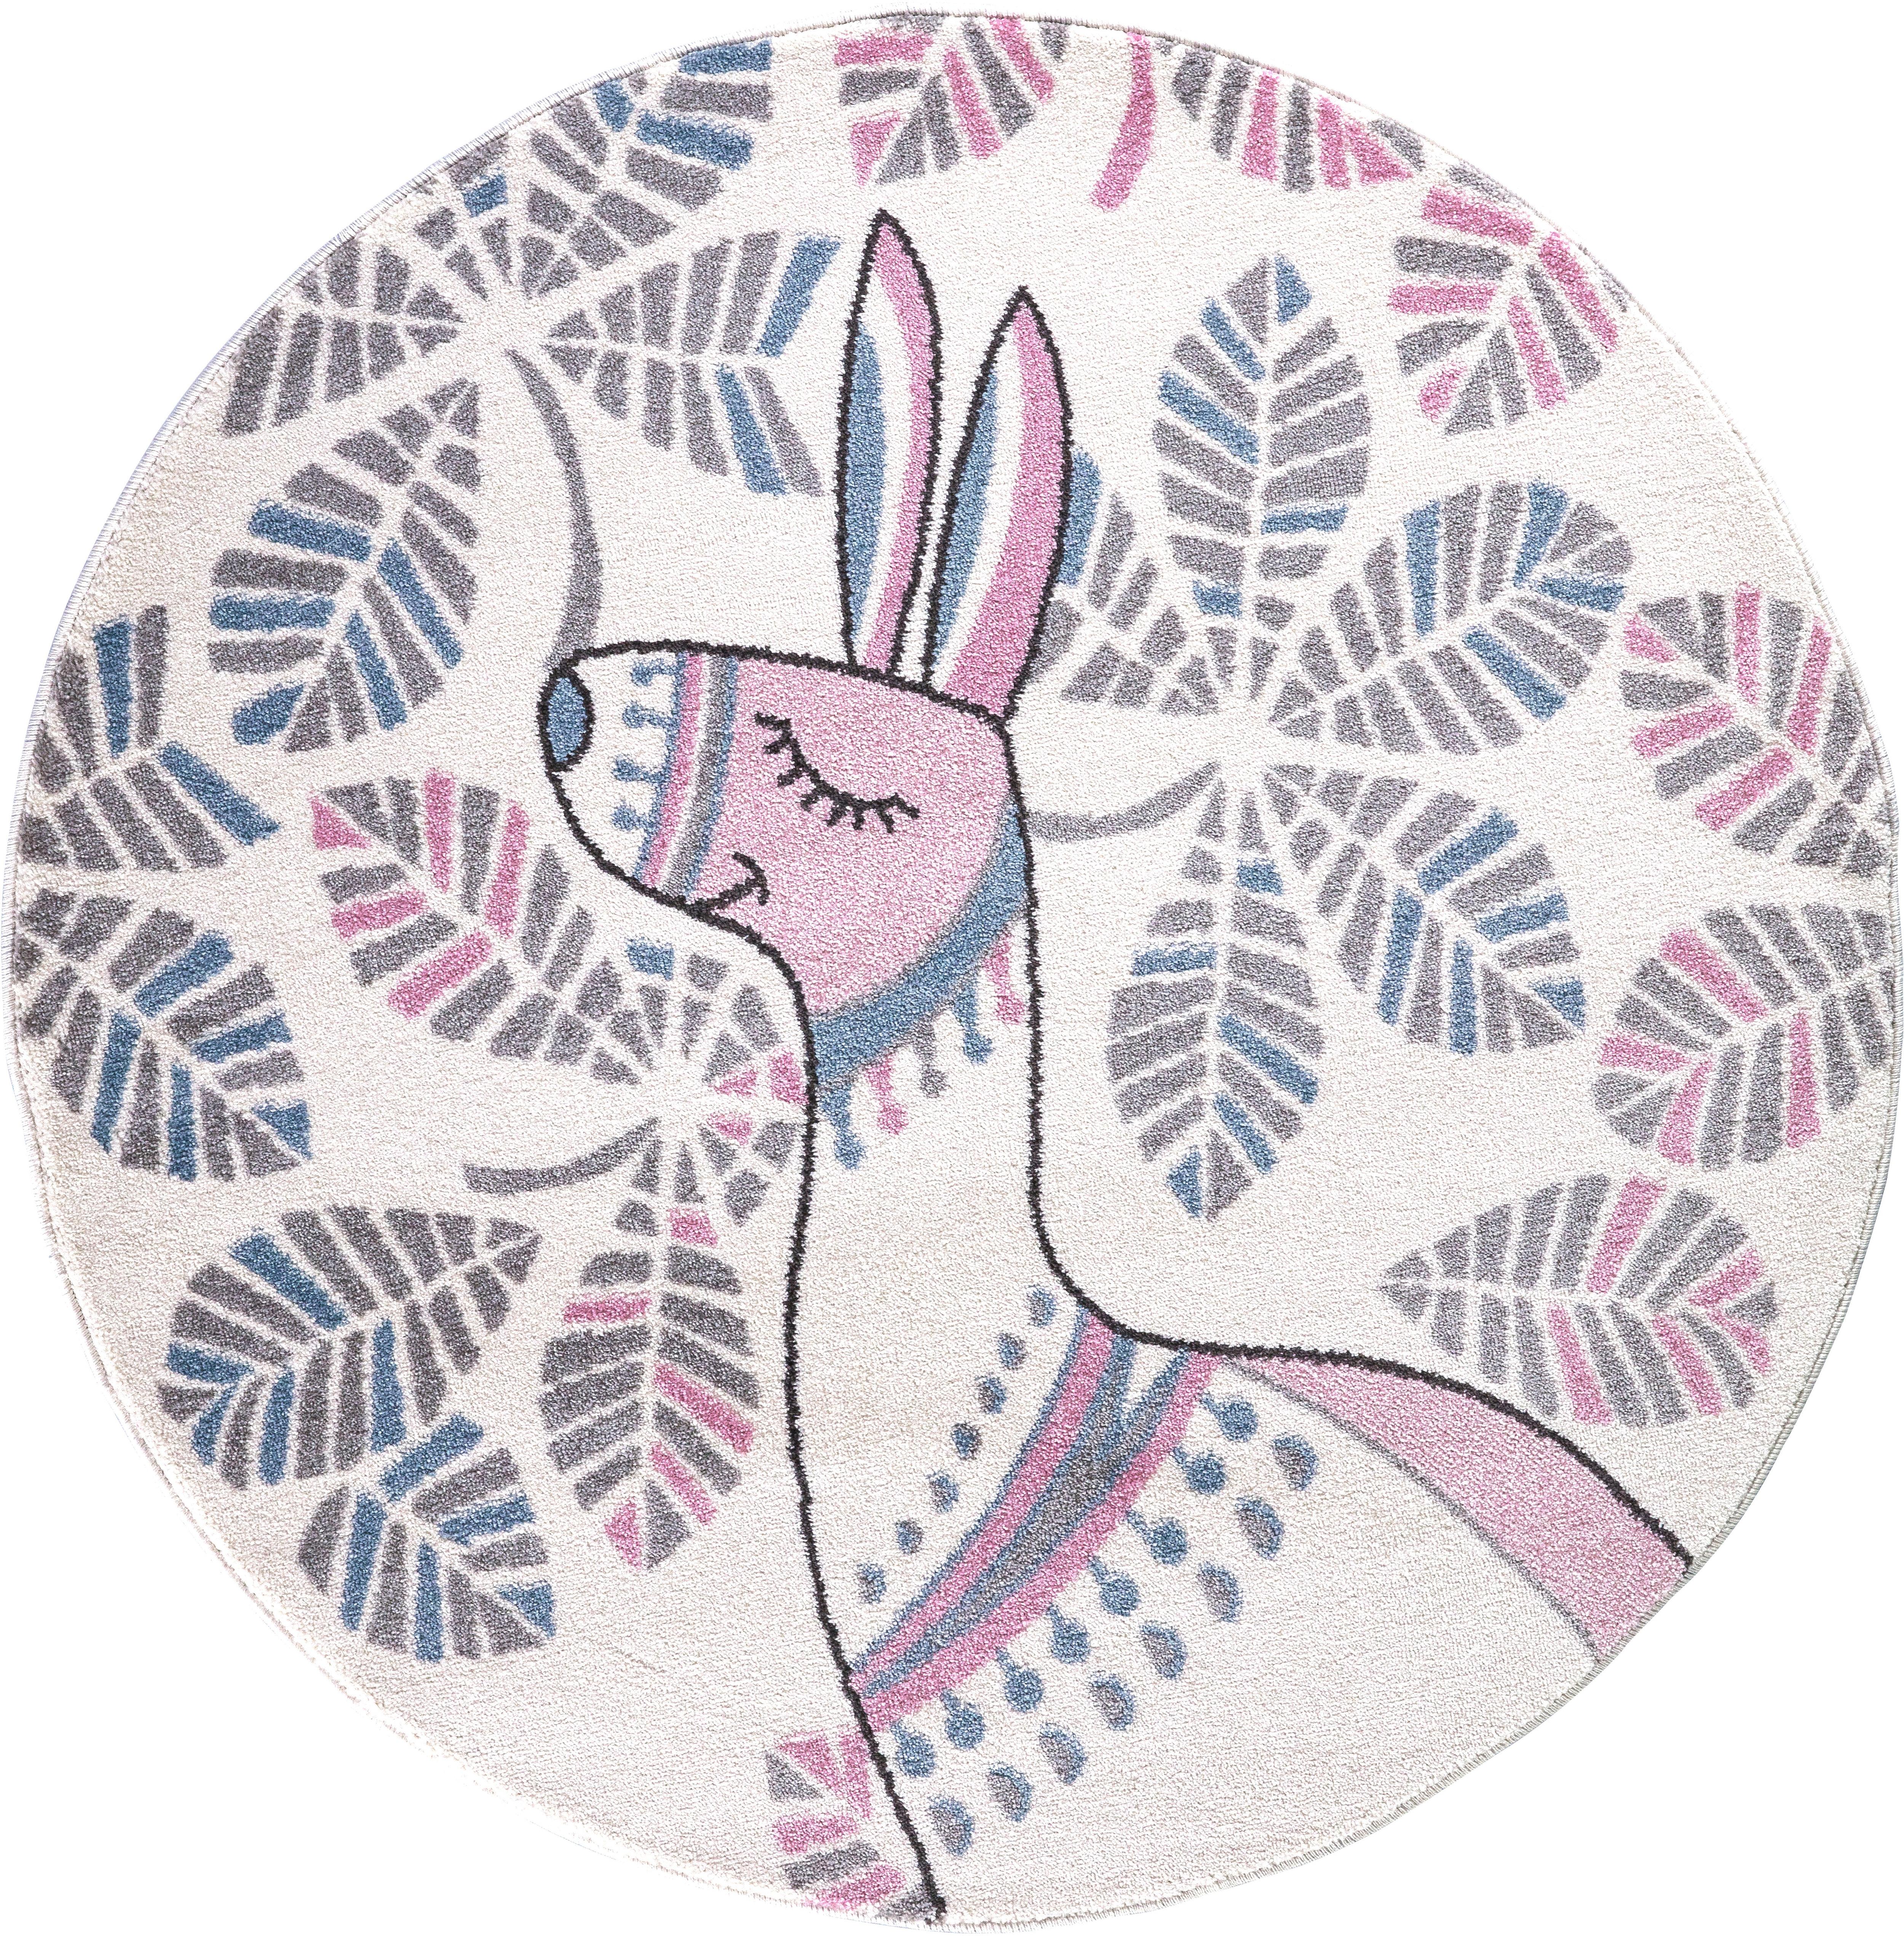 Festival Kinderteppich Candy 150, rund, 11 mm Höhe, Motiv Lama rosa Kinder Kinderteppiche mit Teppiche